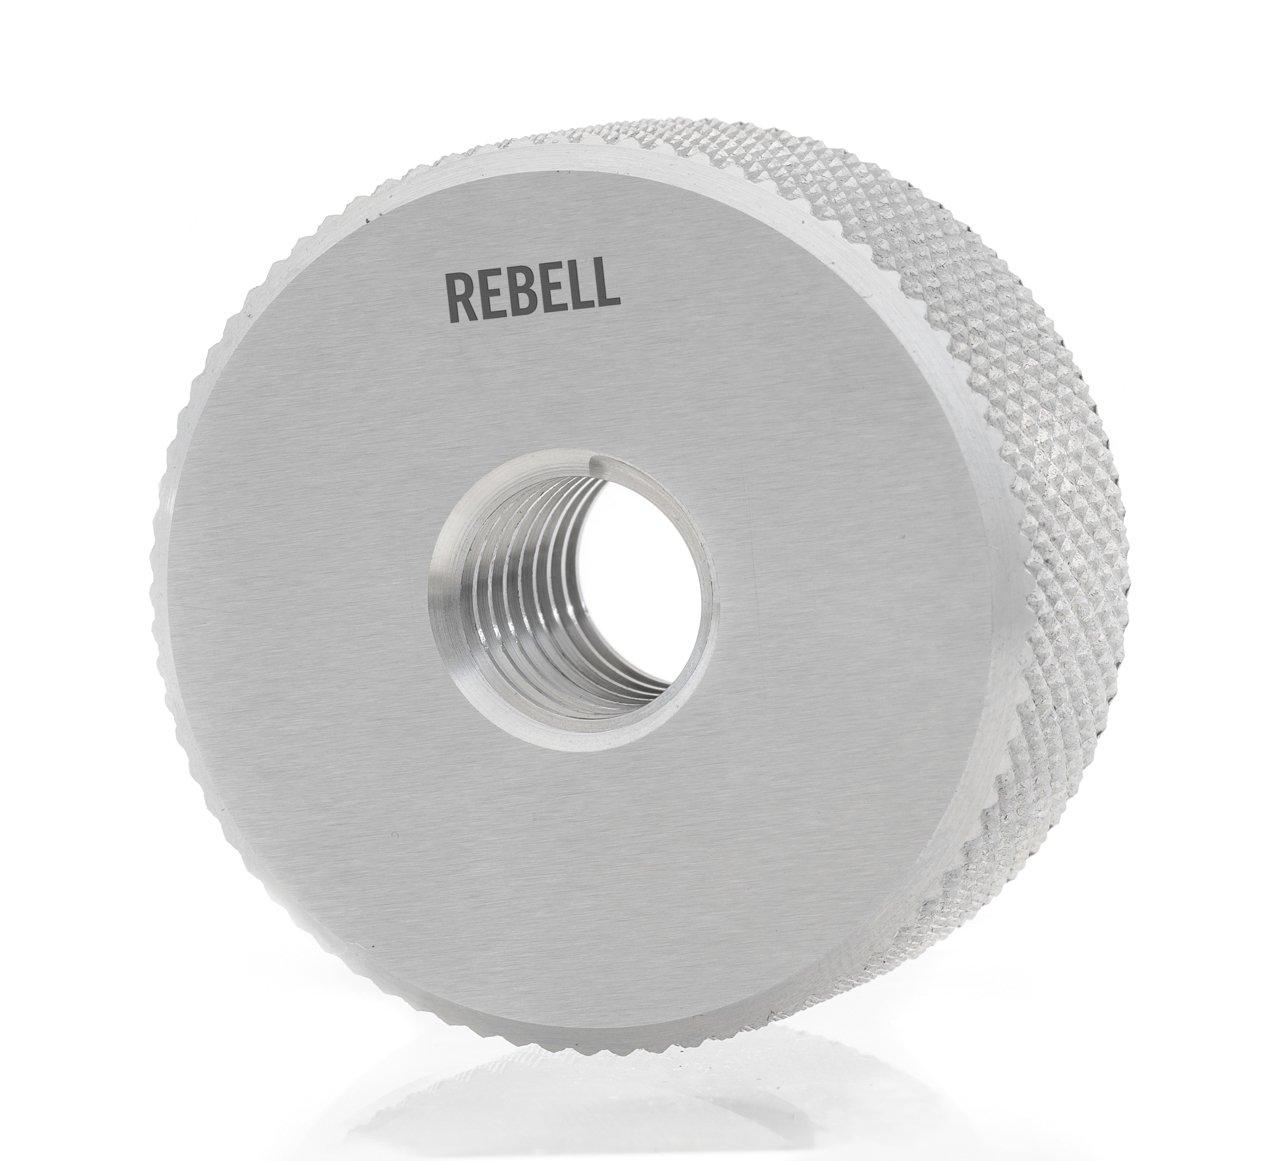 REBELL Gewinde-Gutlehrring UNEF RH 2A - Typ N